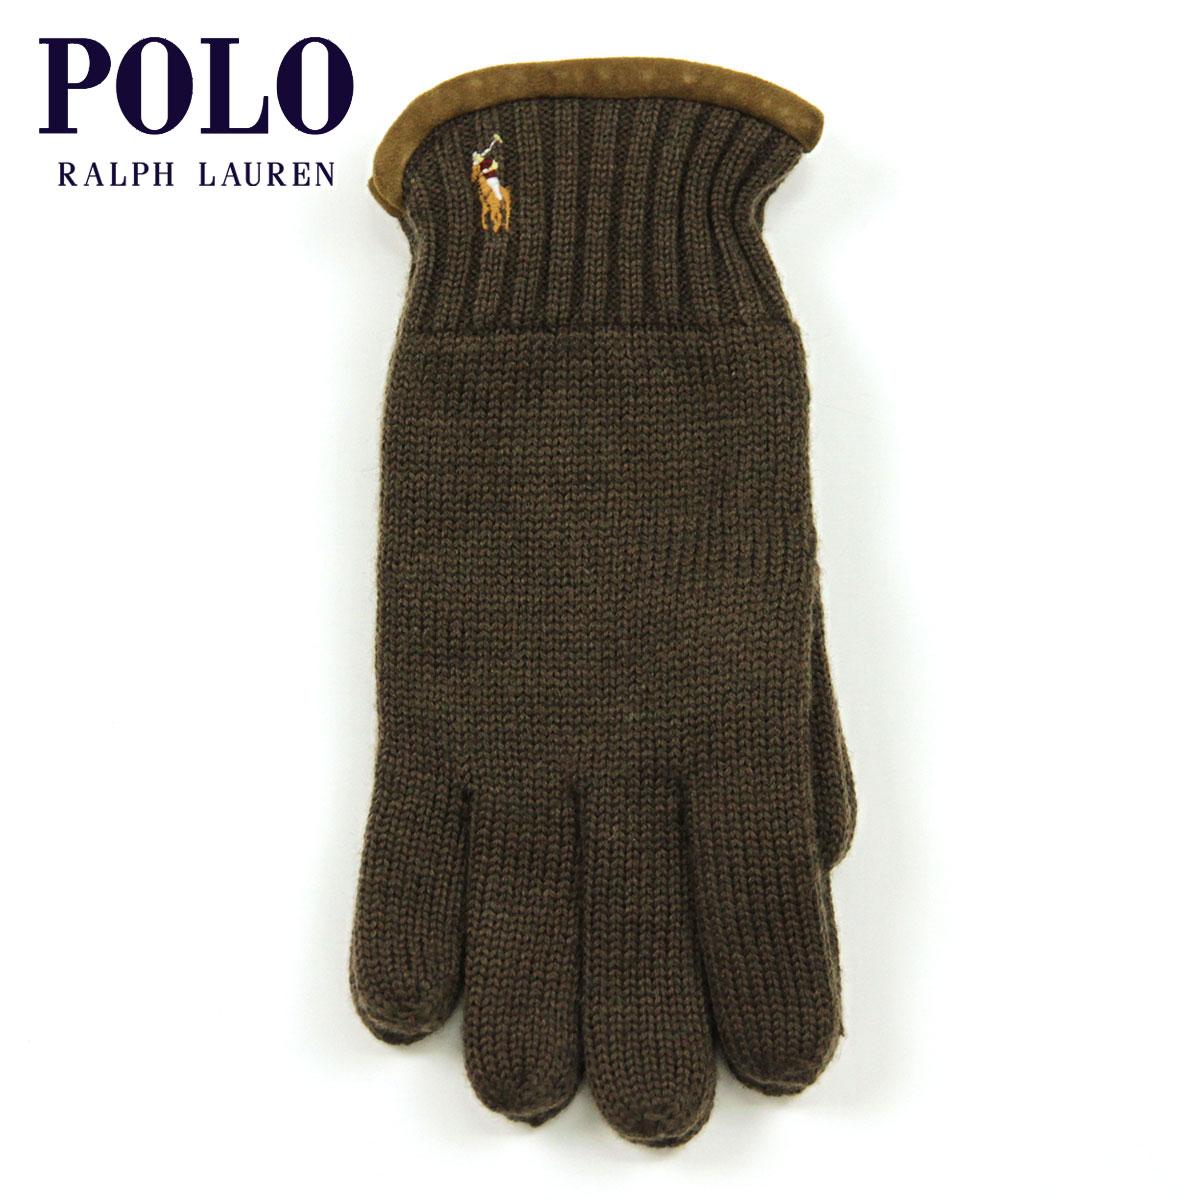 【販売期間 4/19 10:00〜4/26 09:59】 ポロ ラルフローレン POLO RALPH LAUREN 正規品 手袋 Classic Merino Gloves BROWN D20S30